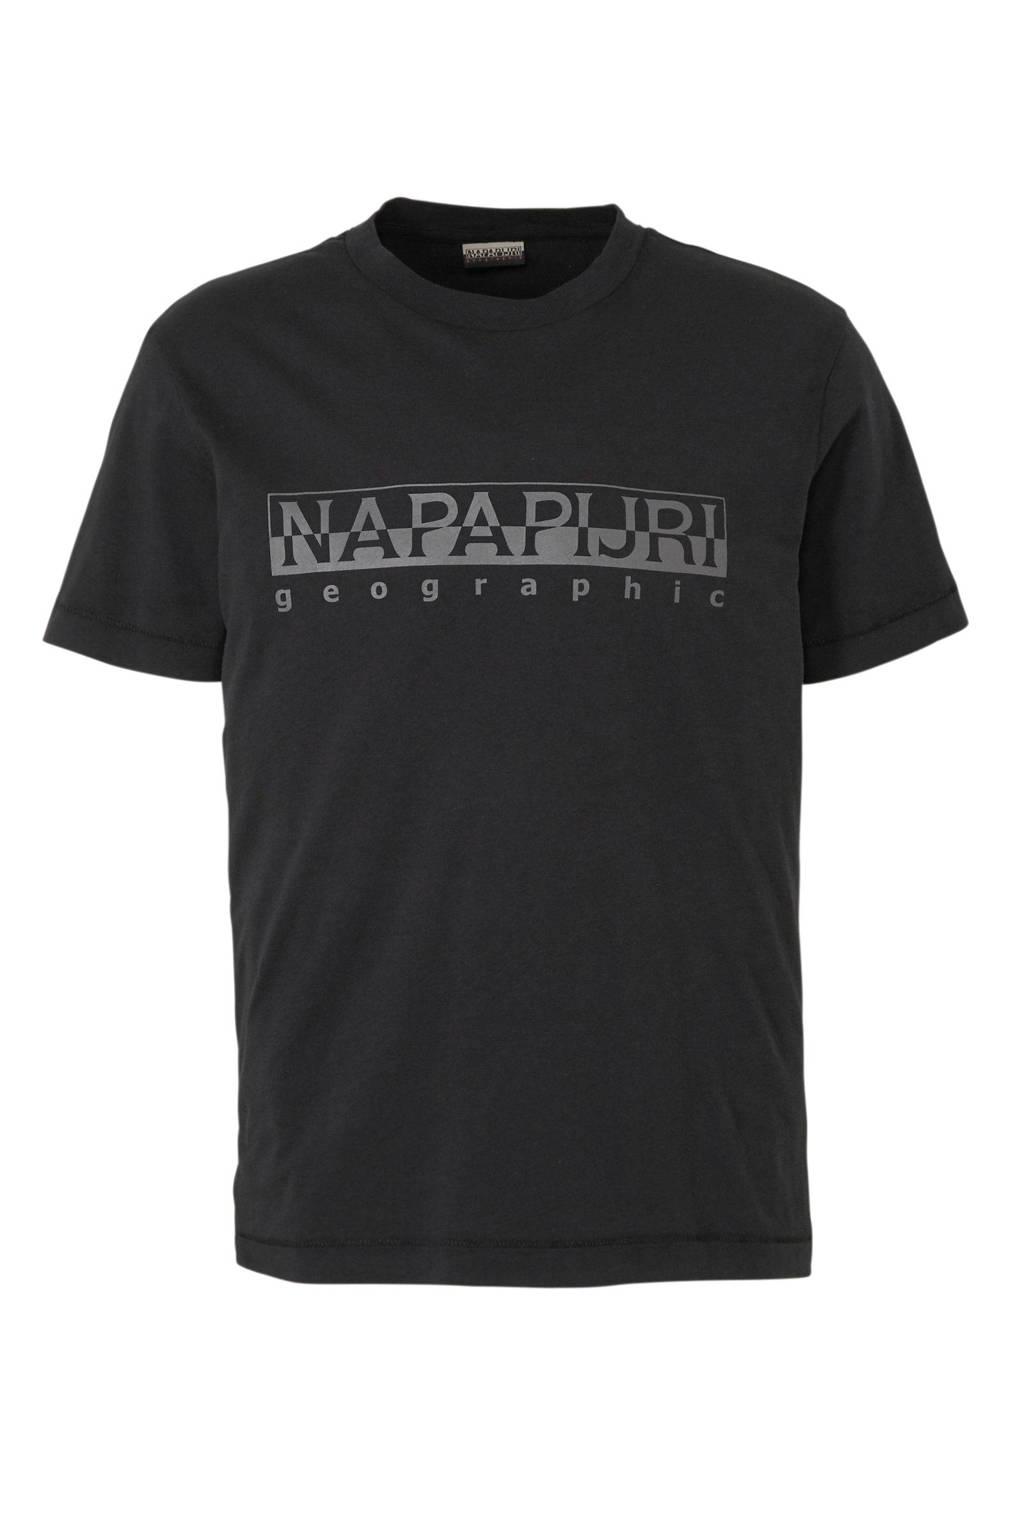 Napapijri T-shirt met logo zwart, Zwart